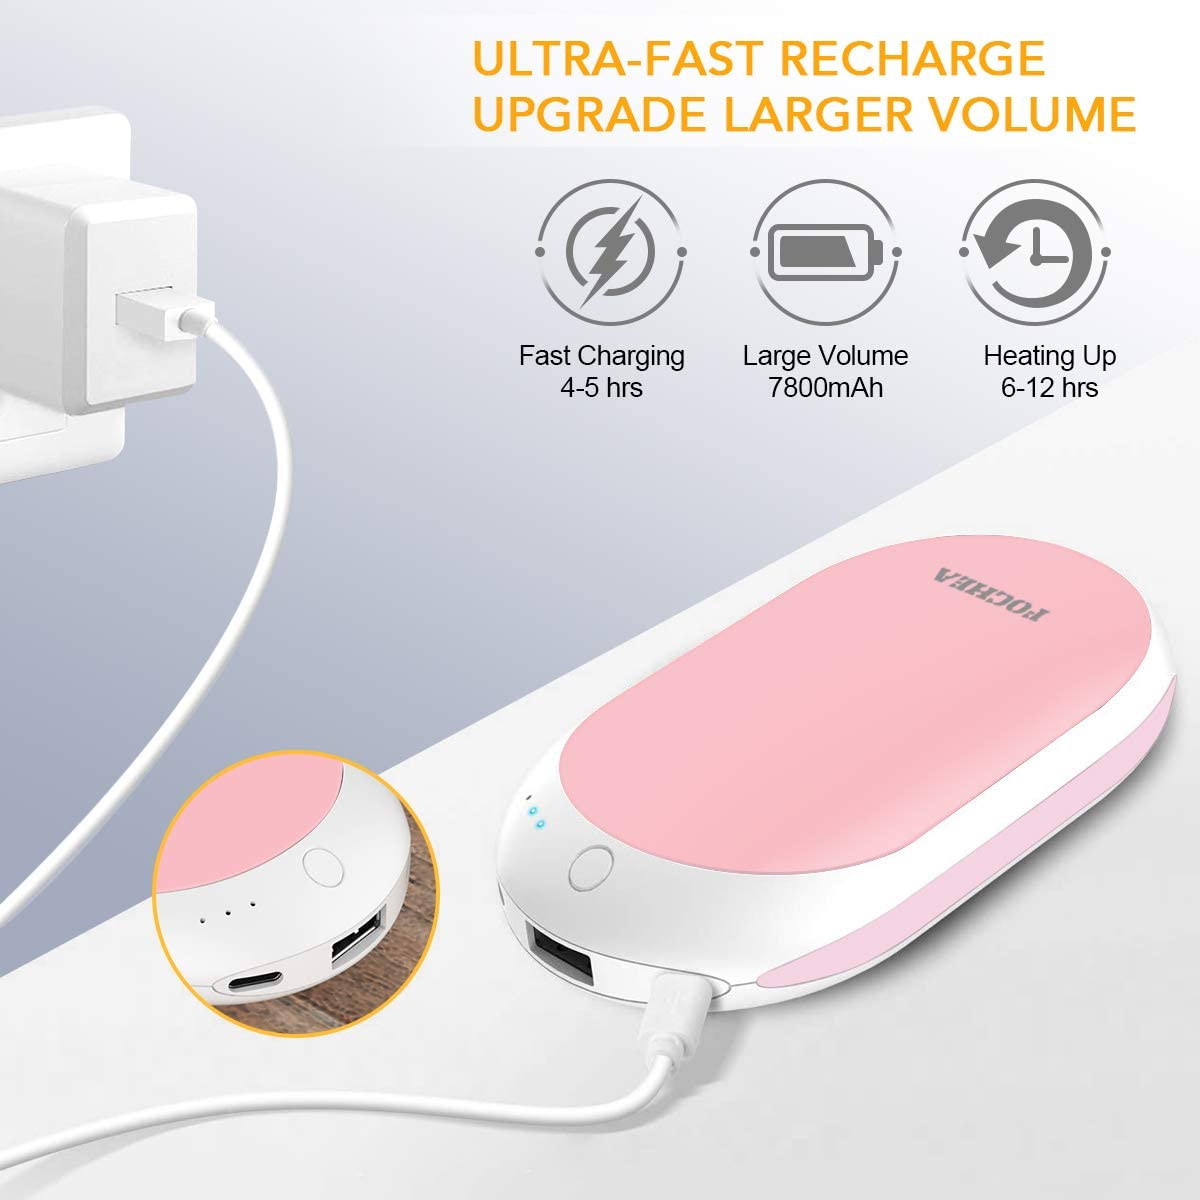 USB Chaufferette Main R/éutilisable Portable Batterie Externe Chauffe-Poche /électronique pour Le Ski la randonn/ée Cadeau de No/ël Parfait lescalade YGY 7800mAh Chauffe-Mains Rechargeable